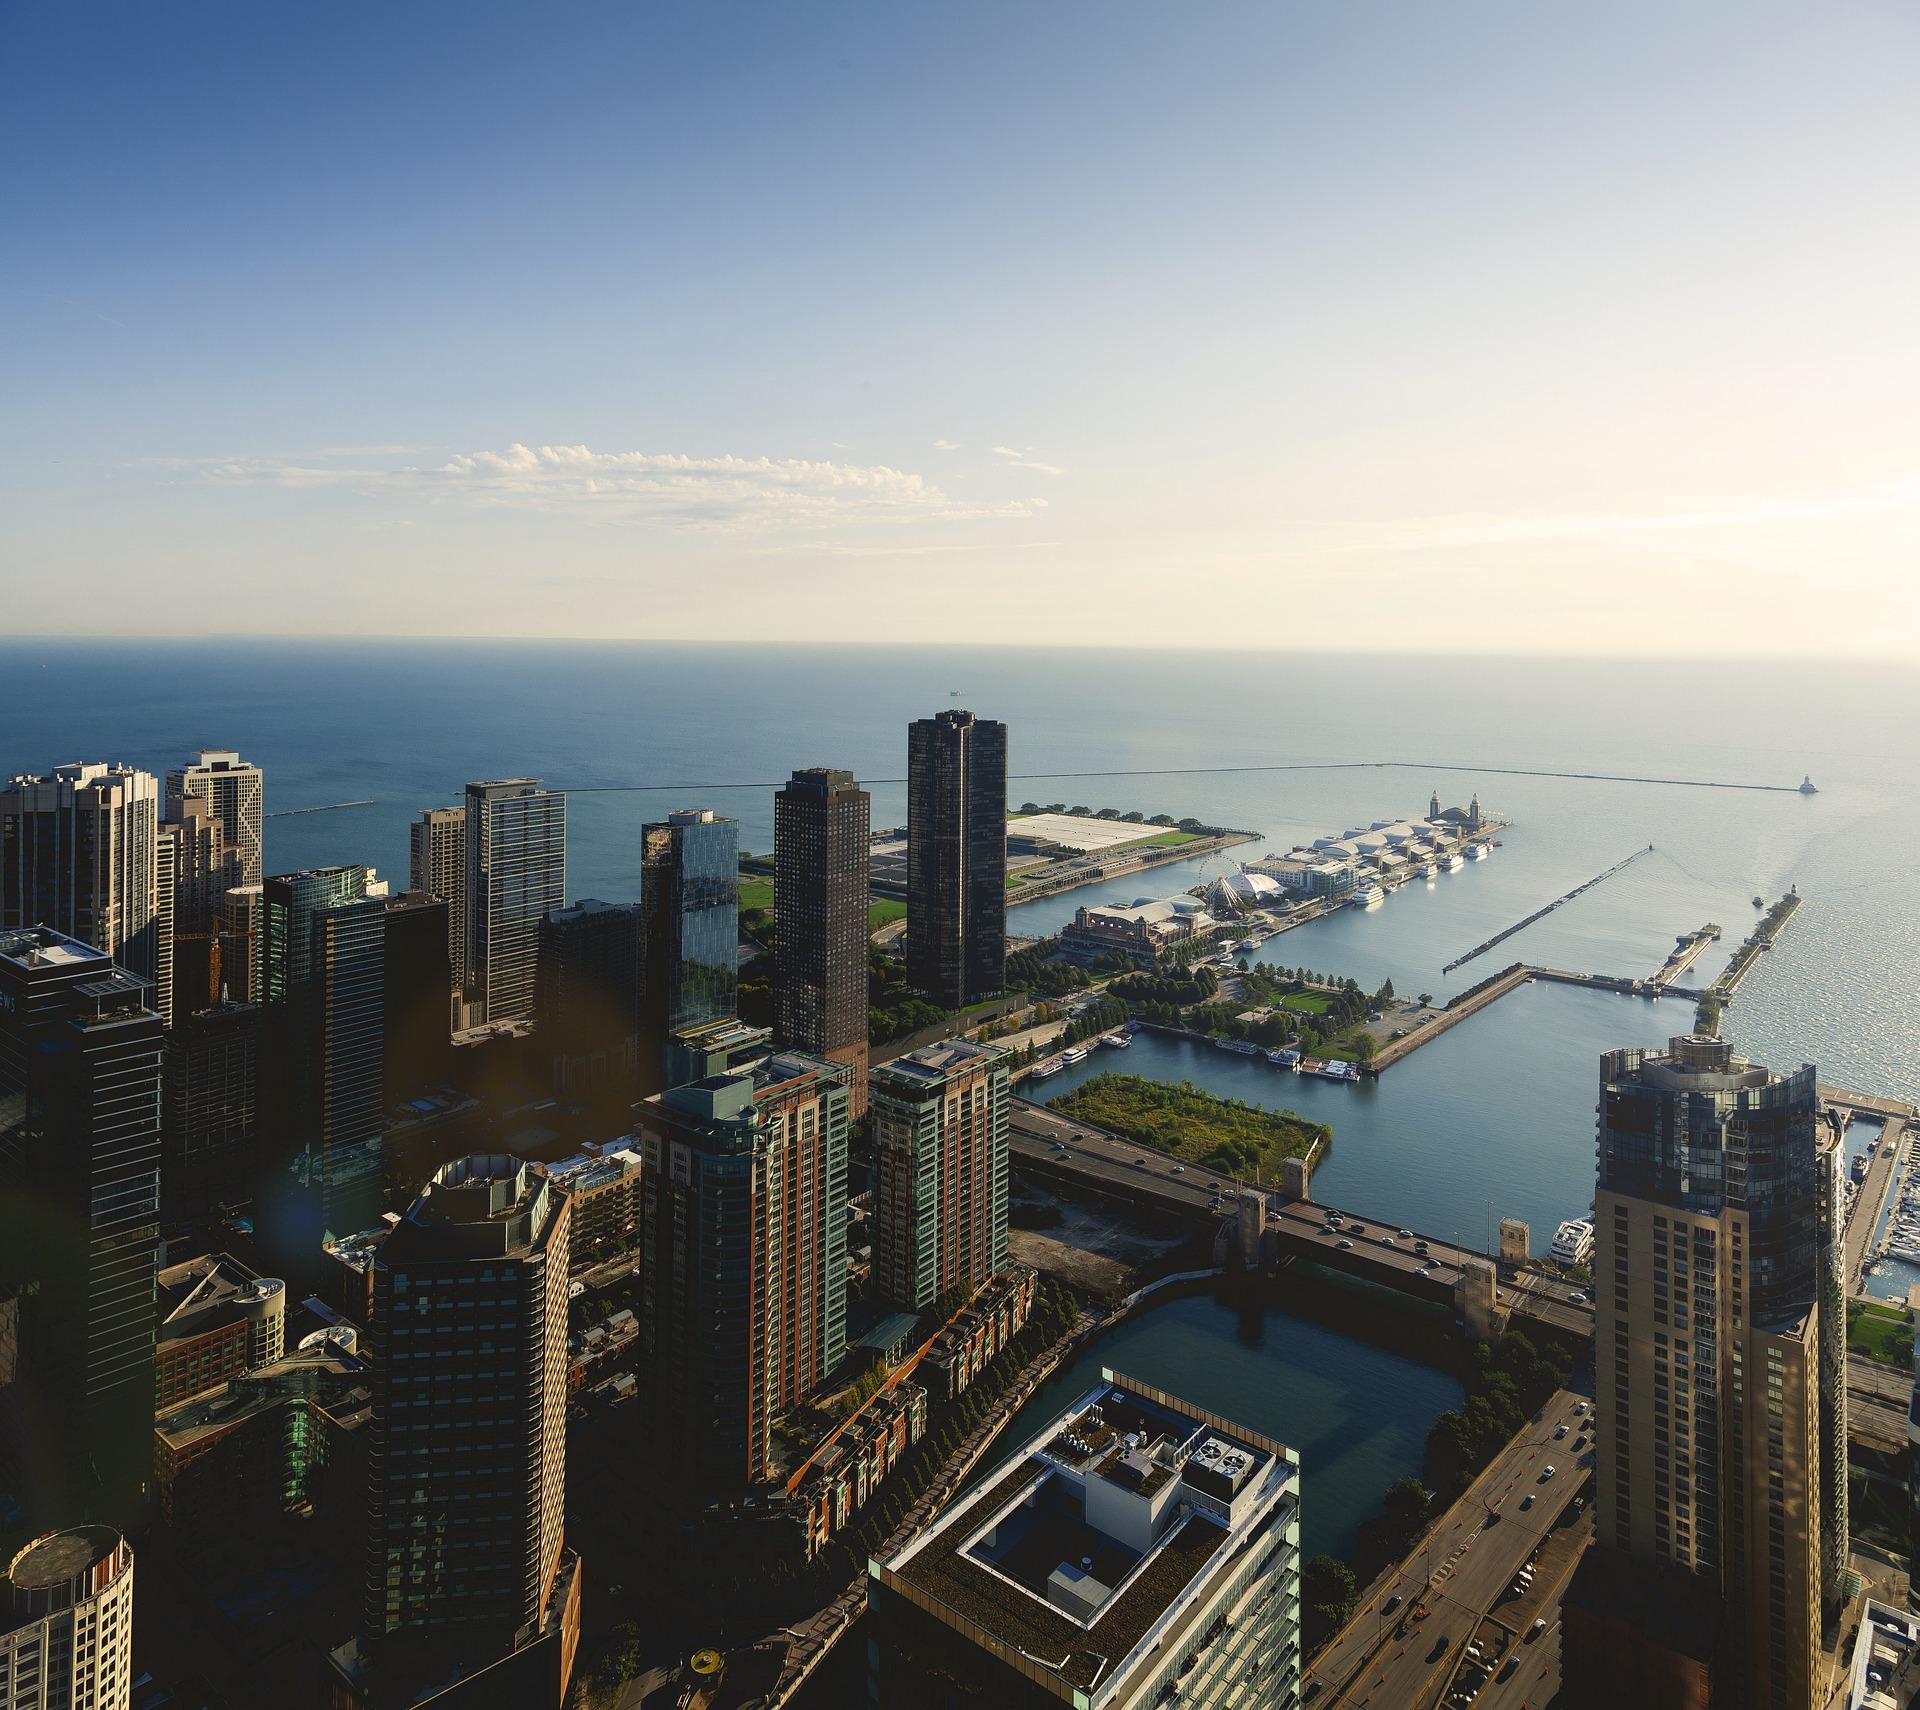 chicago-943397_1920.jpg